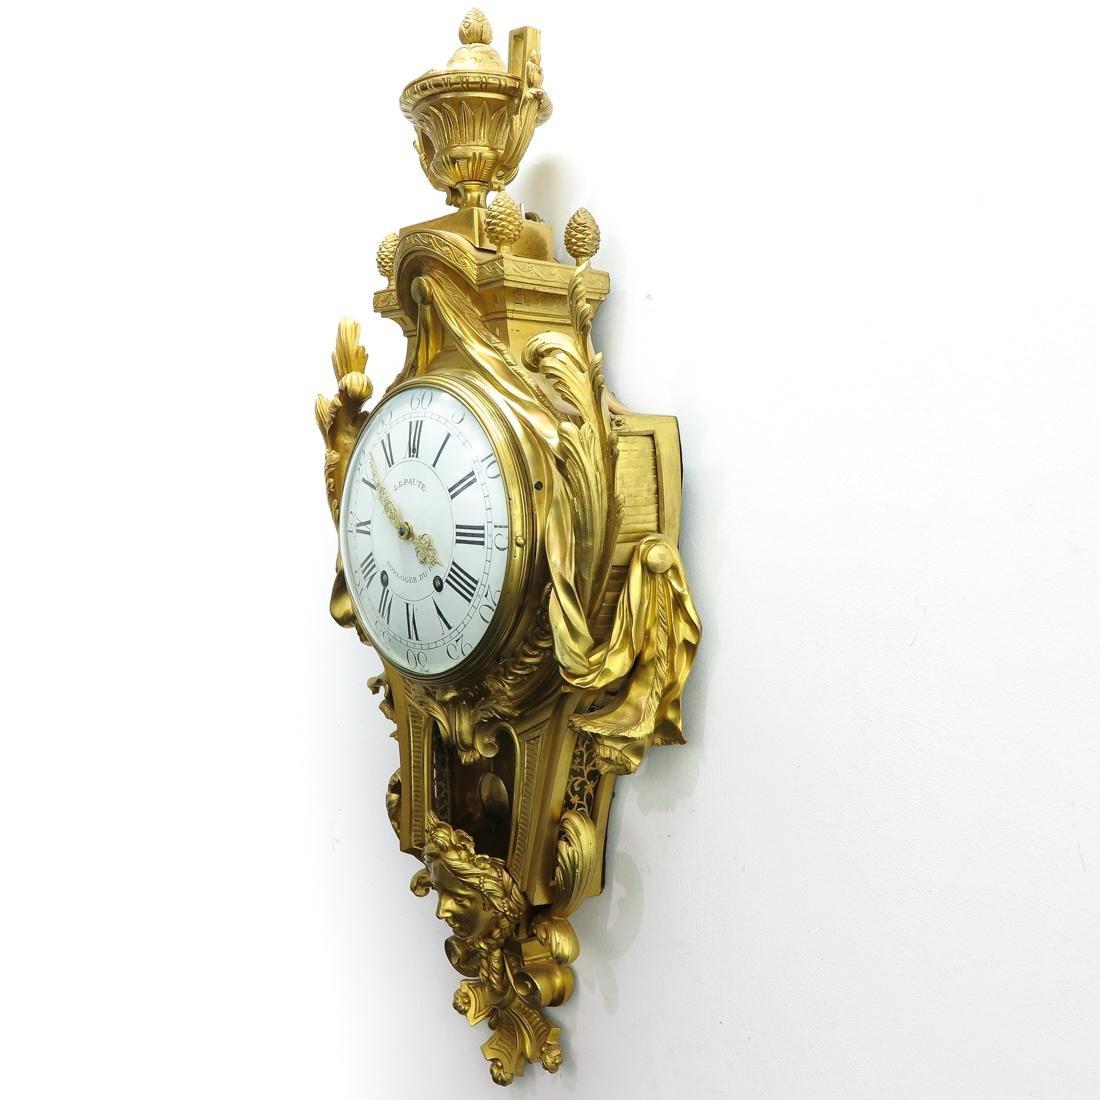 French Cartel Clock Signed Lepaute Horloger du Roi - 3